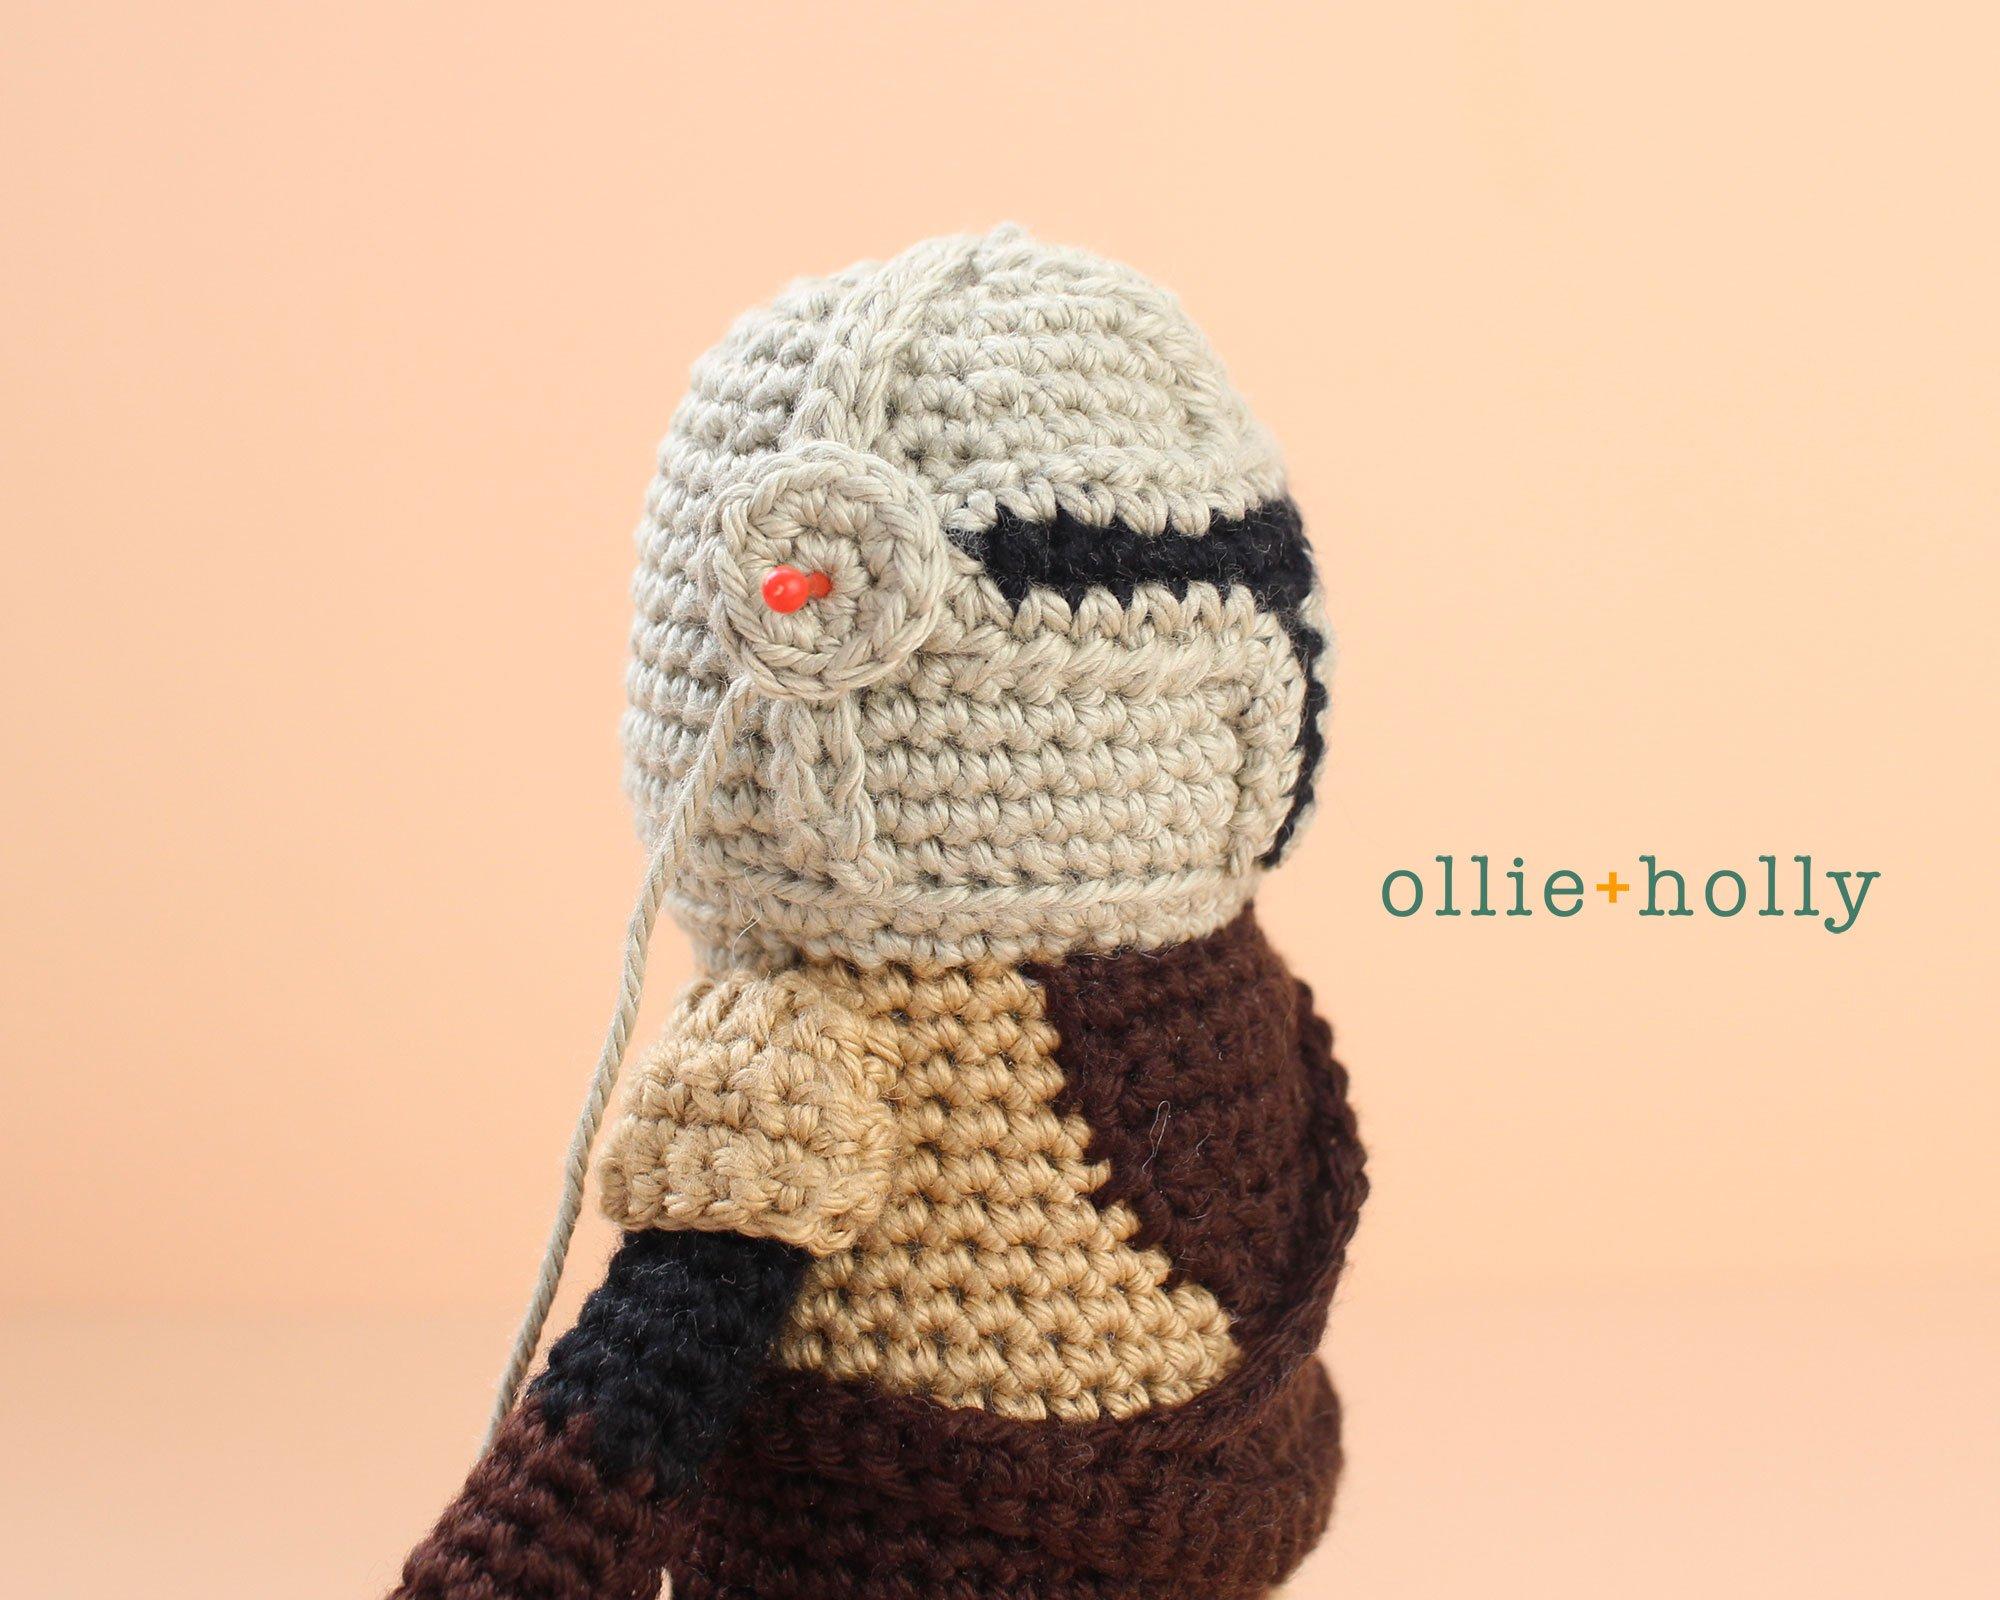 Free Mandalorian Din Djarin Amigurumi Crochet Pattern Assembly Step 13